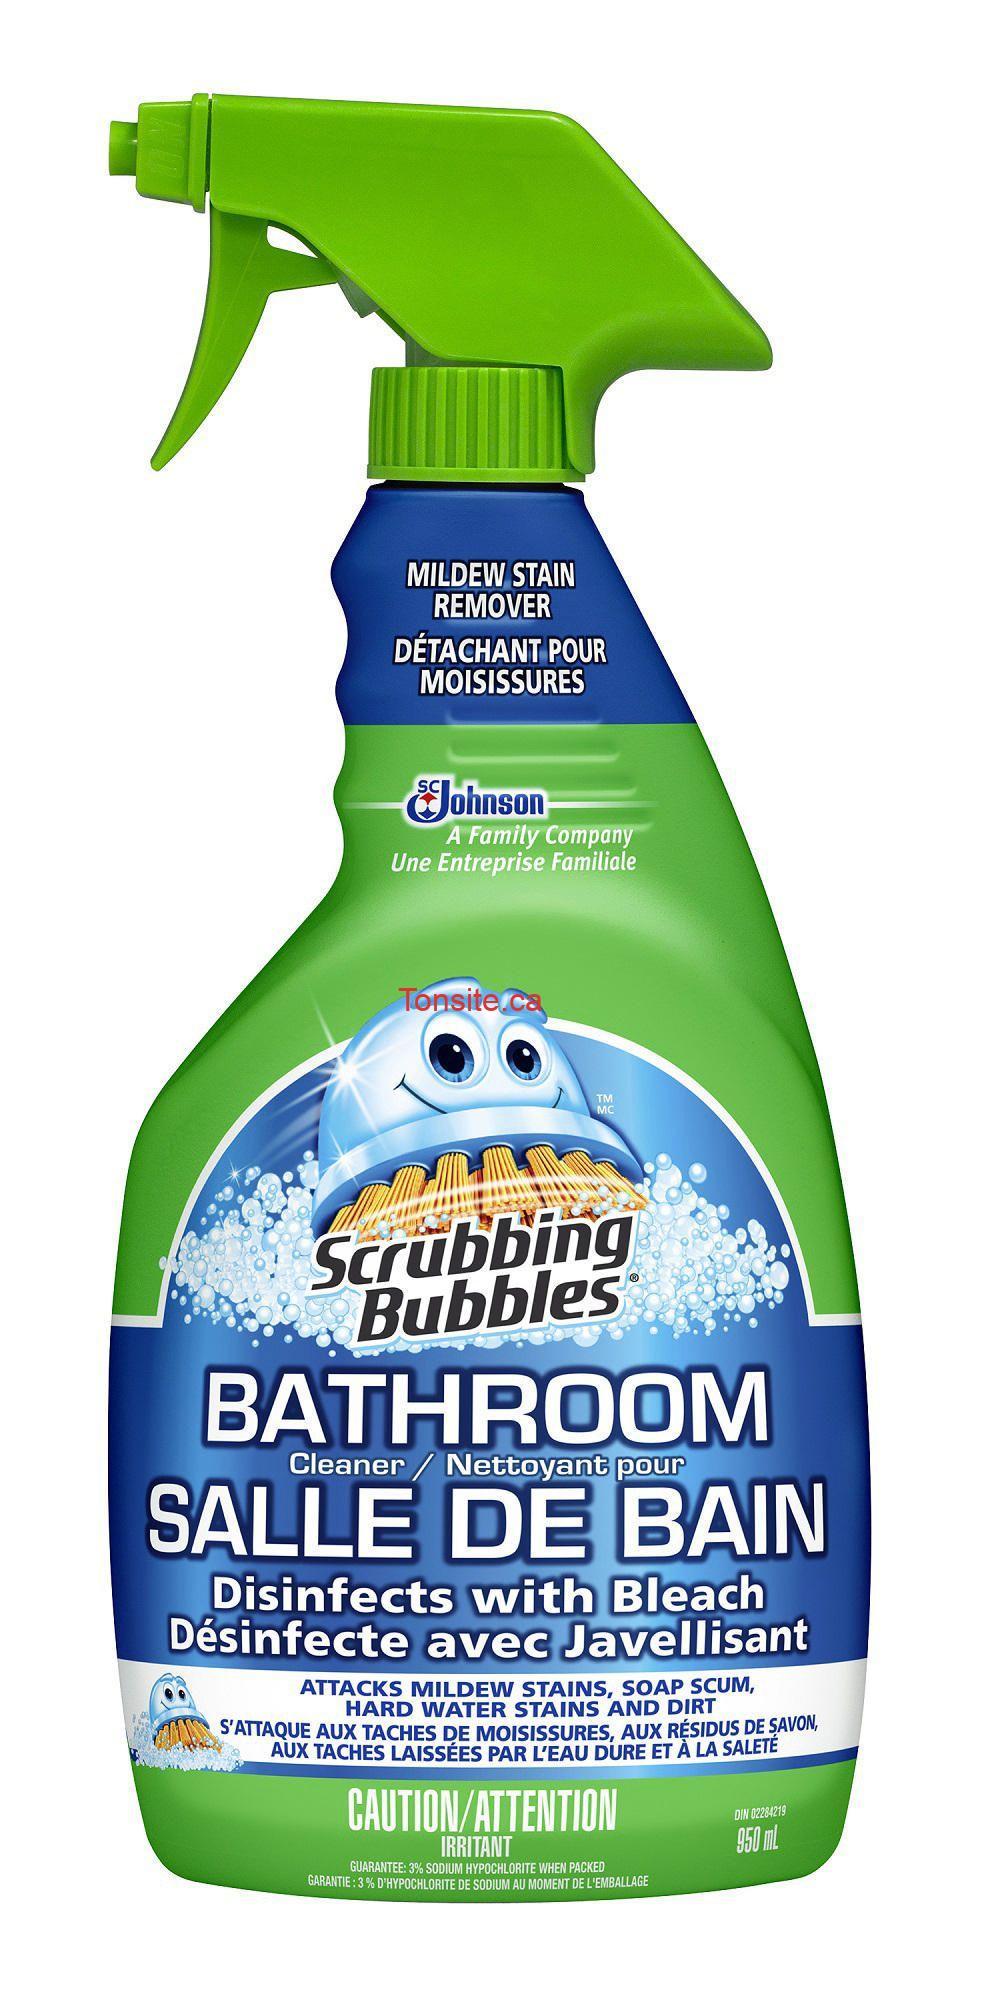 produit Scrubbing Bubbles Nettoyant pour salle de bain au choix - Achetez un produit Scrubbing Bubbles Nettoyant pour salle de bain au choix et obtenez-en 1 GRATUIT